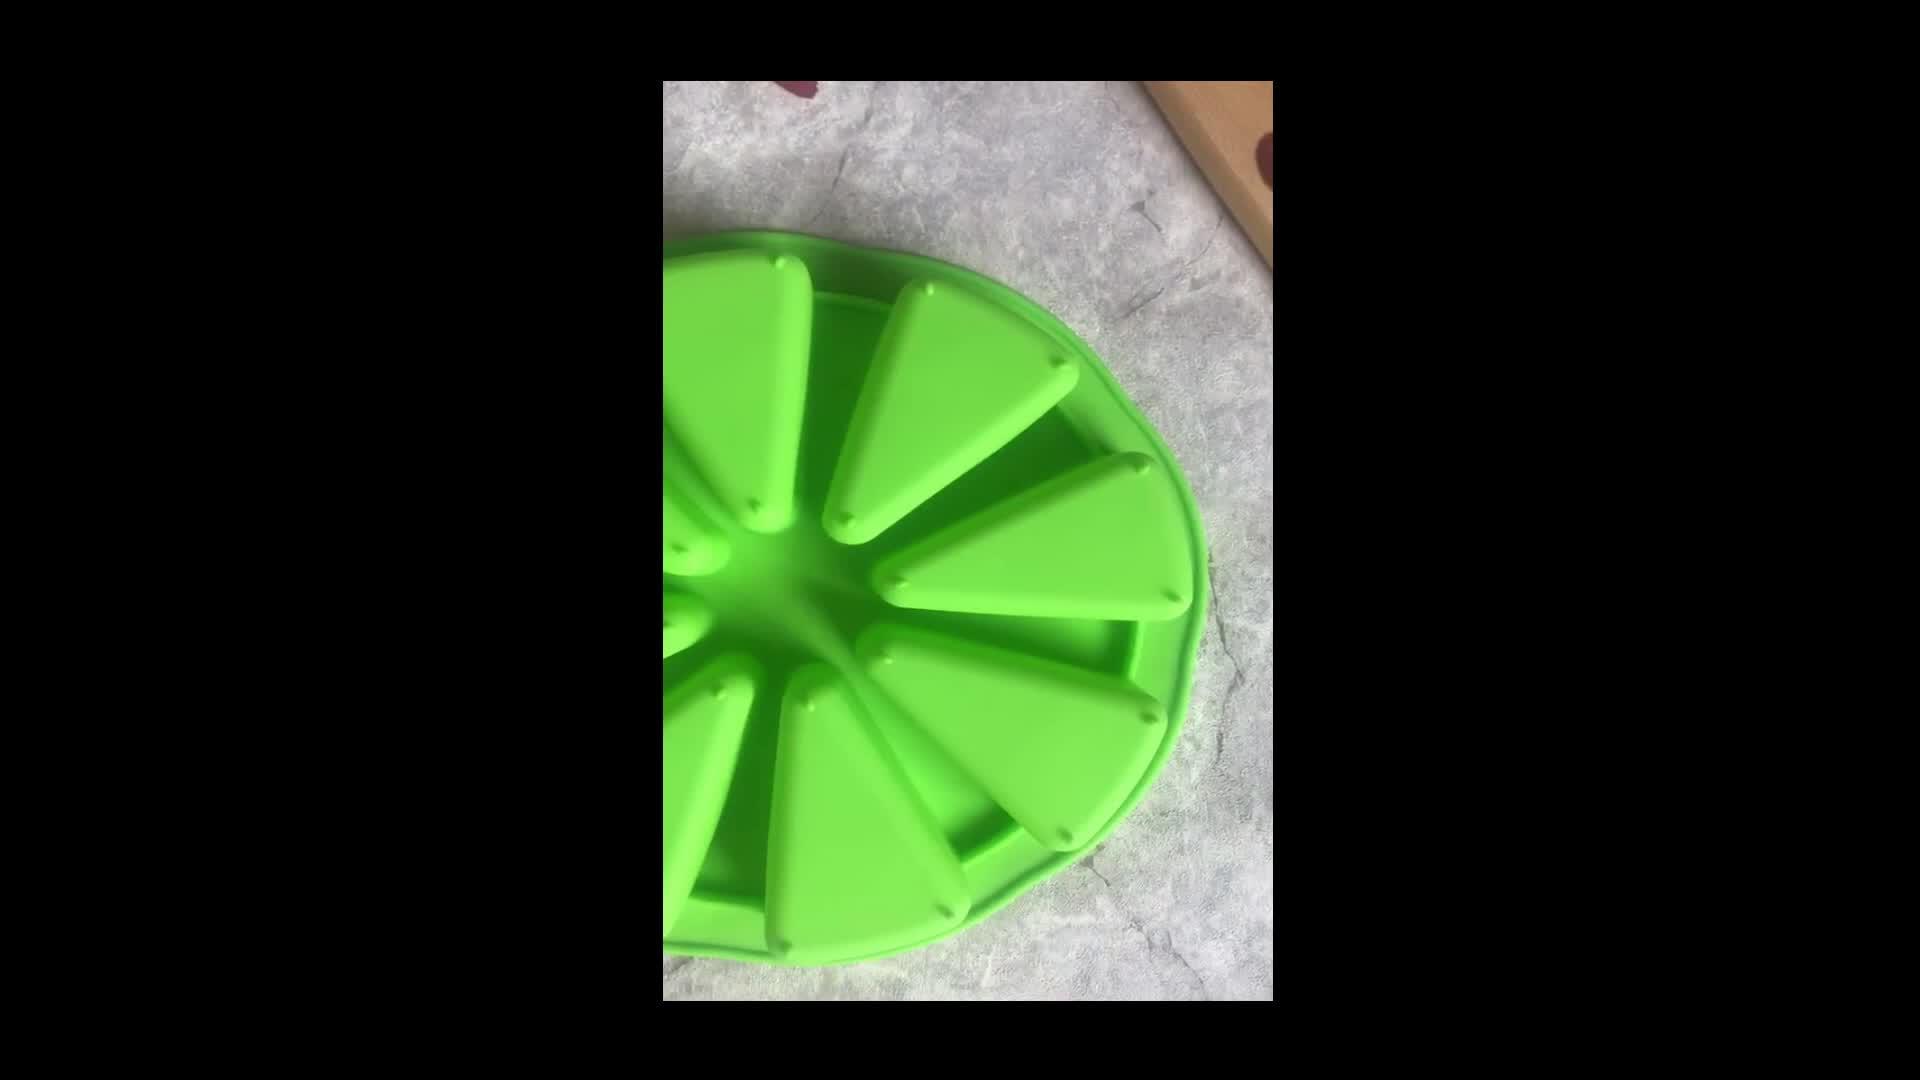 720 โรงงานและ. Lollipop แม่พิมพ์ซิลิโคนช็อกโกแลต mould.6 cavity star และ heatr รูปร่าง, DIY อบเครื่องมือ